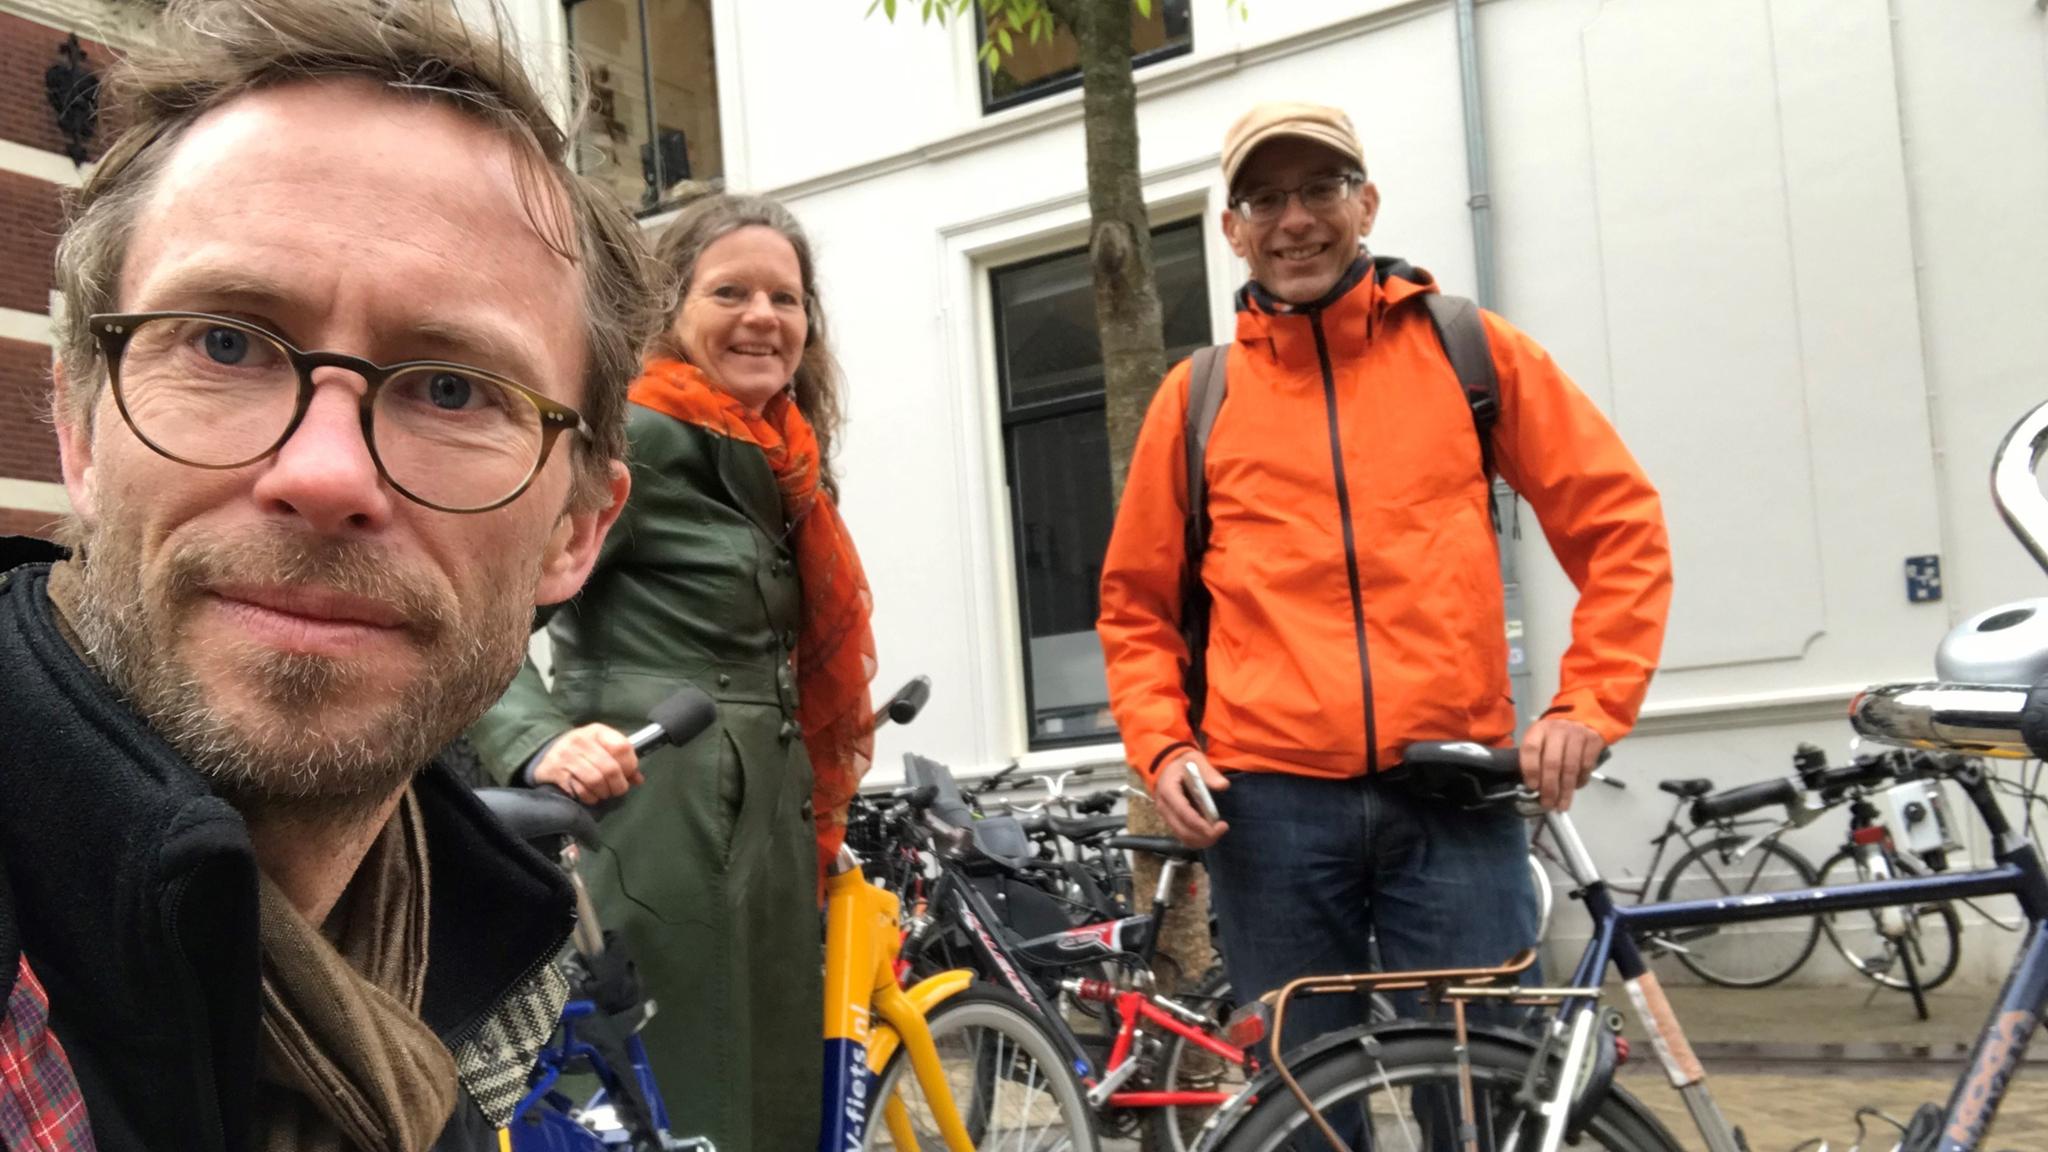 Närbild på Björn, men Lena och cykelexperten Herbert i bakgrunden, bland en massa cyklar i en stad.